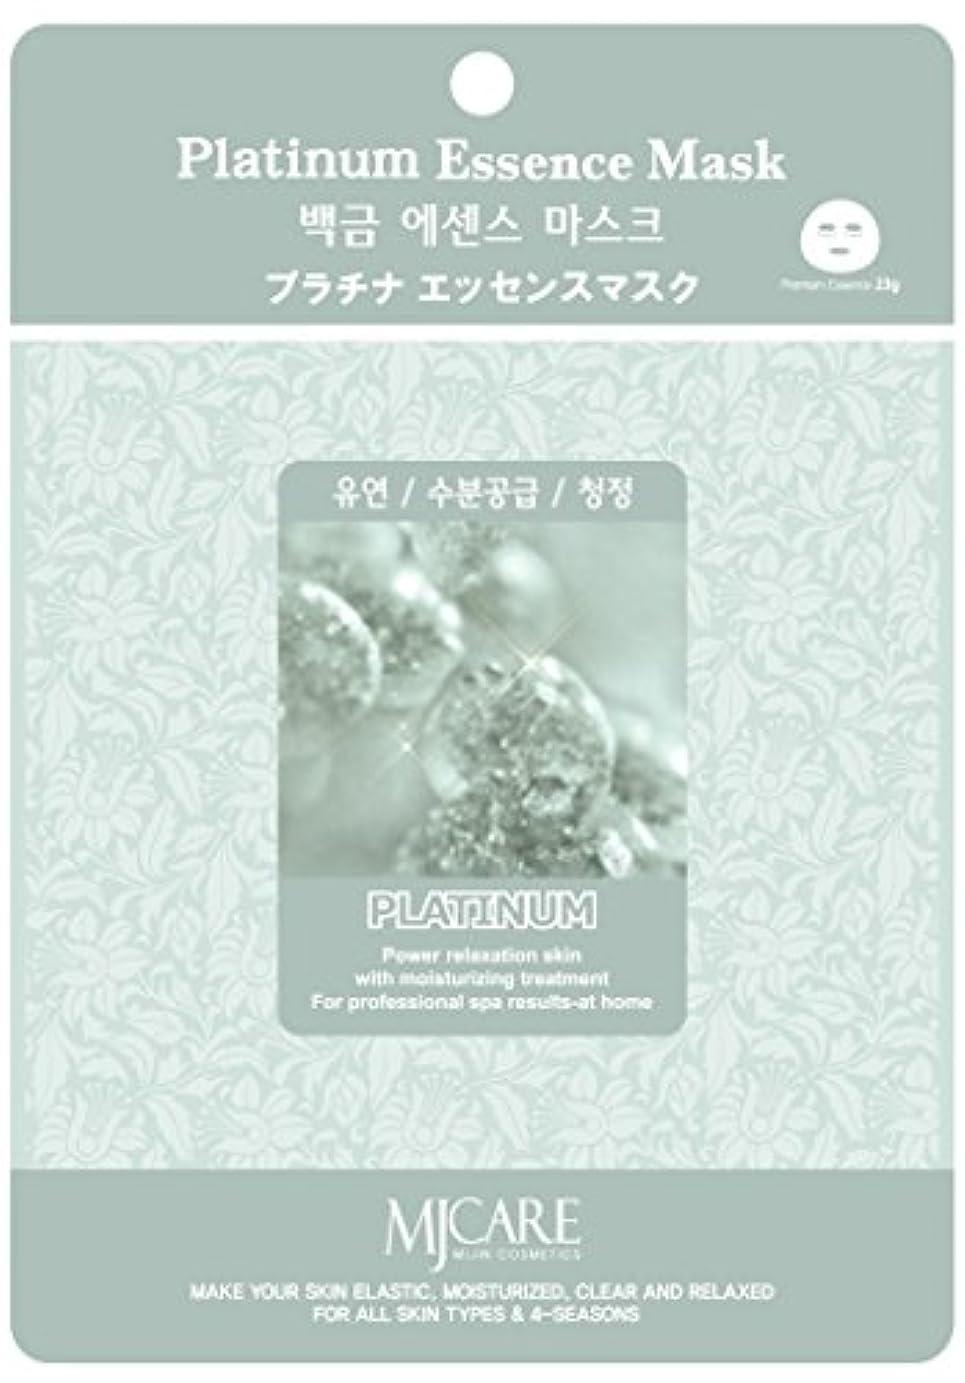 東試す木曜日MJCAREエッセンスマスク プラチナ10枚セット